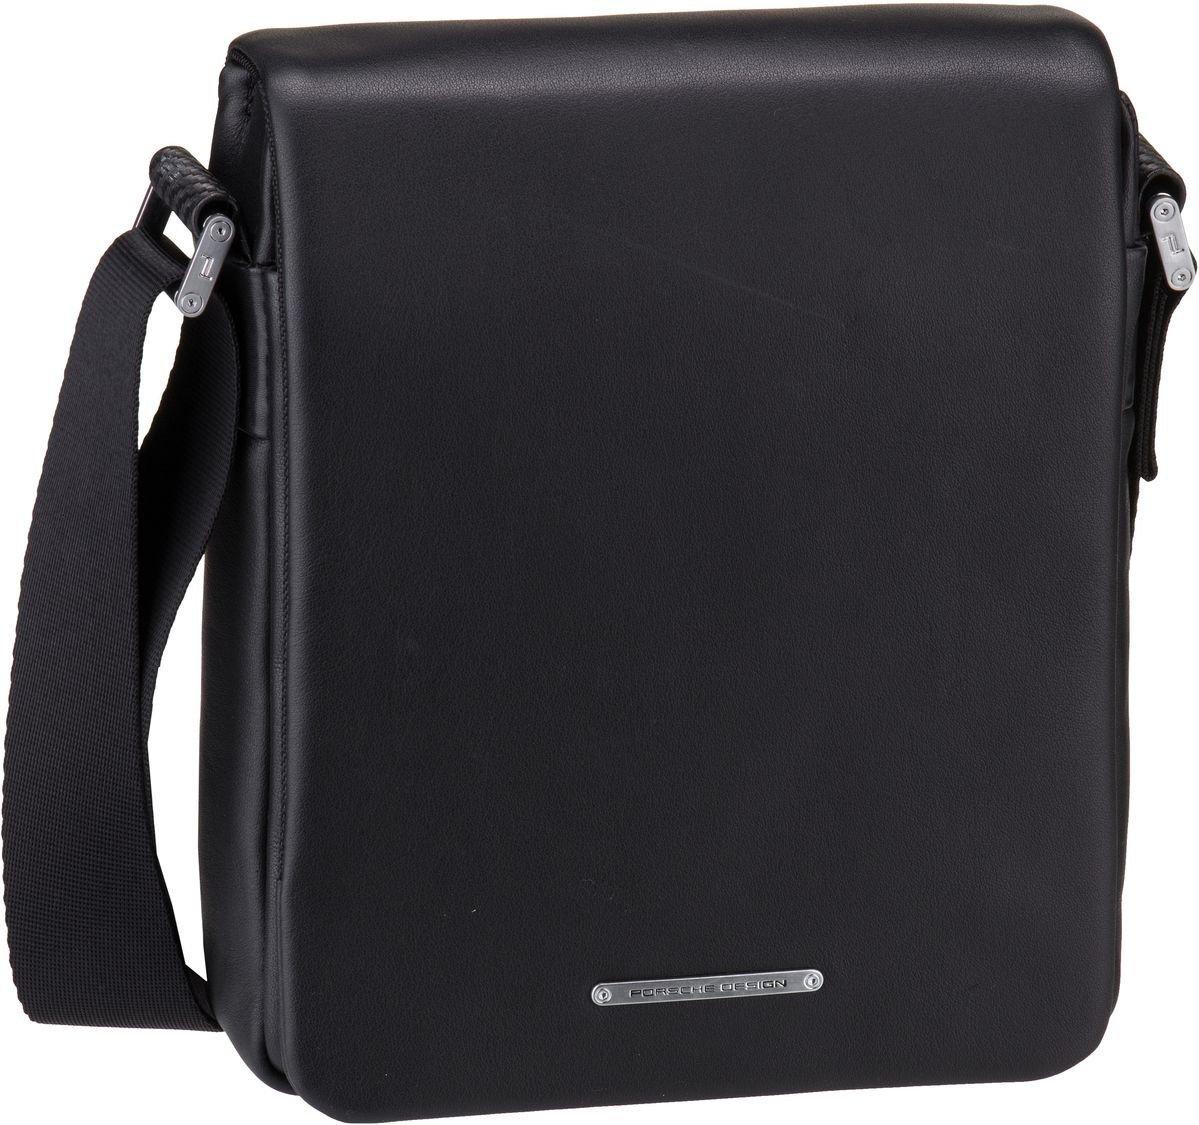 porsche design -  Laptoptasche CL2 2.0 ShoulderBag XSVF 2 Black